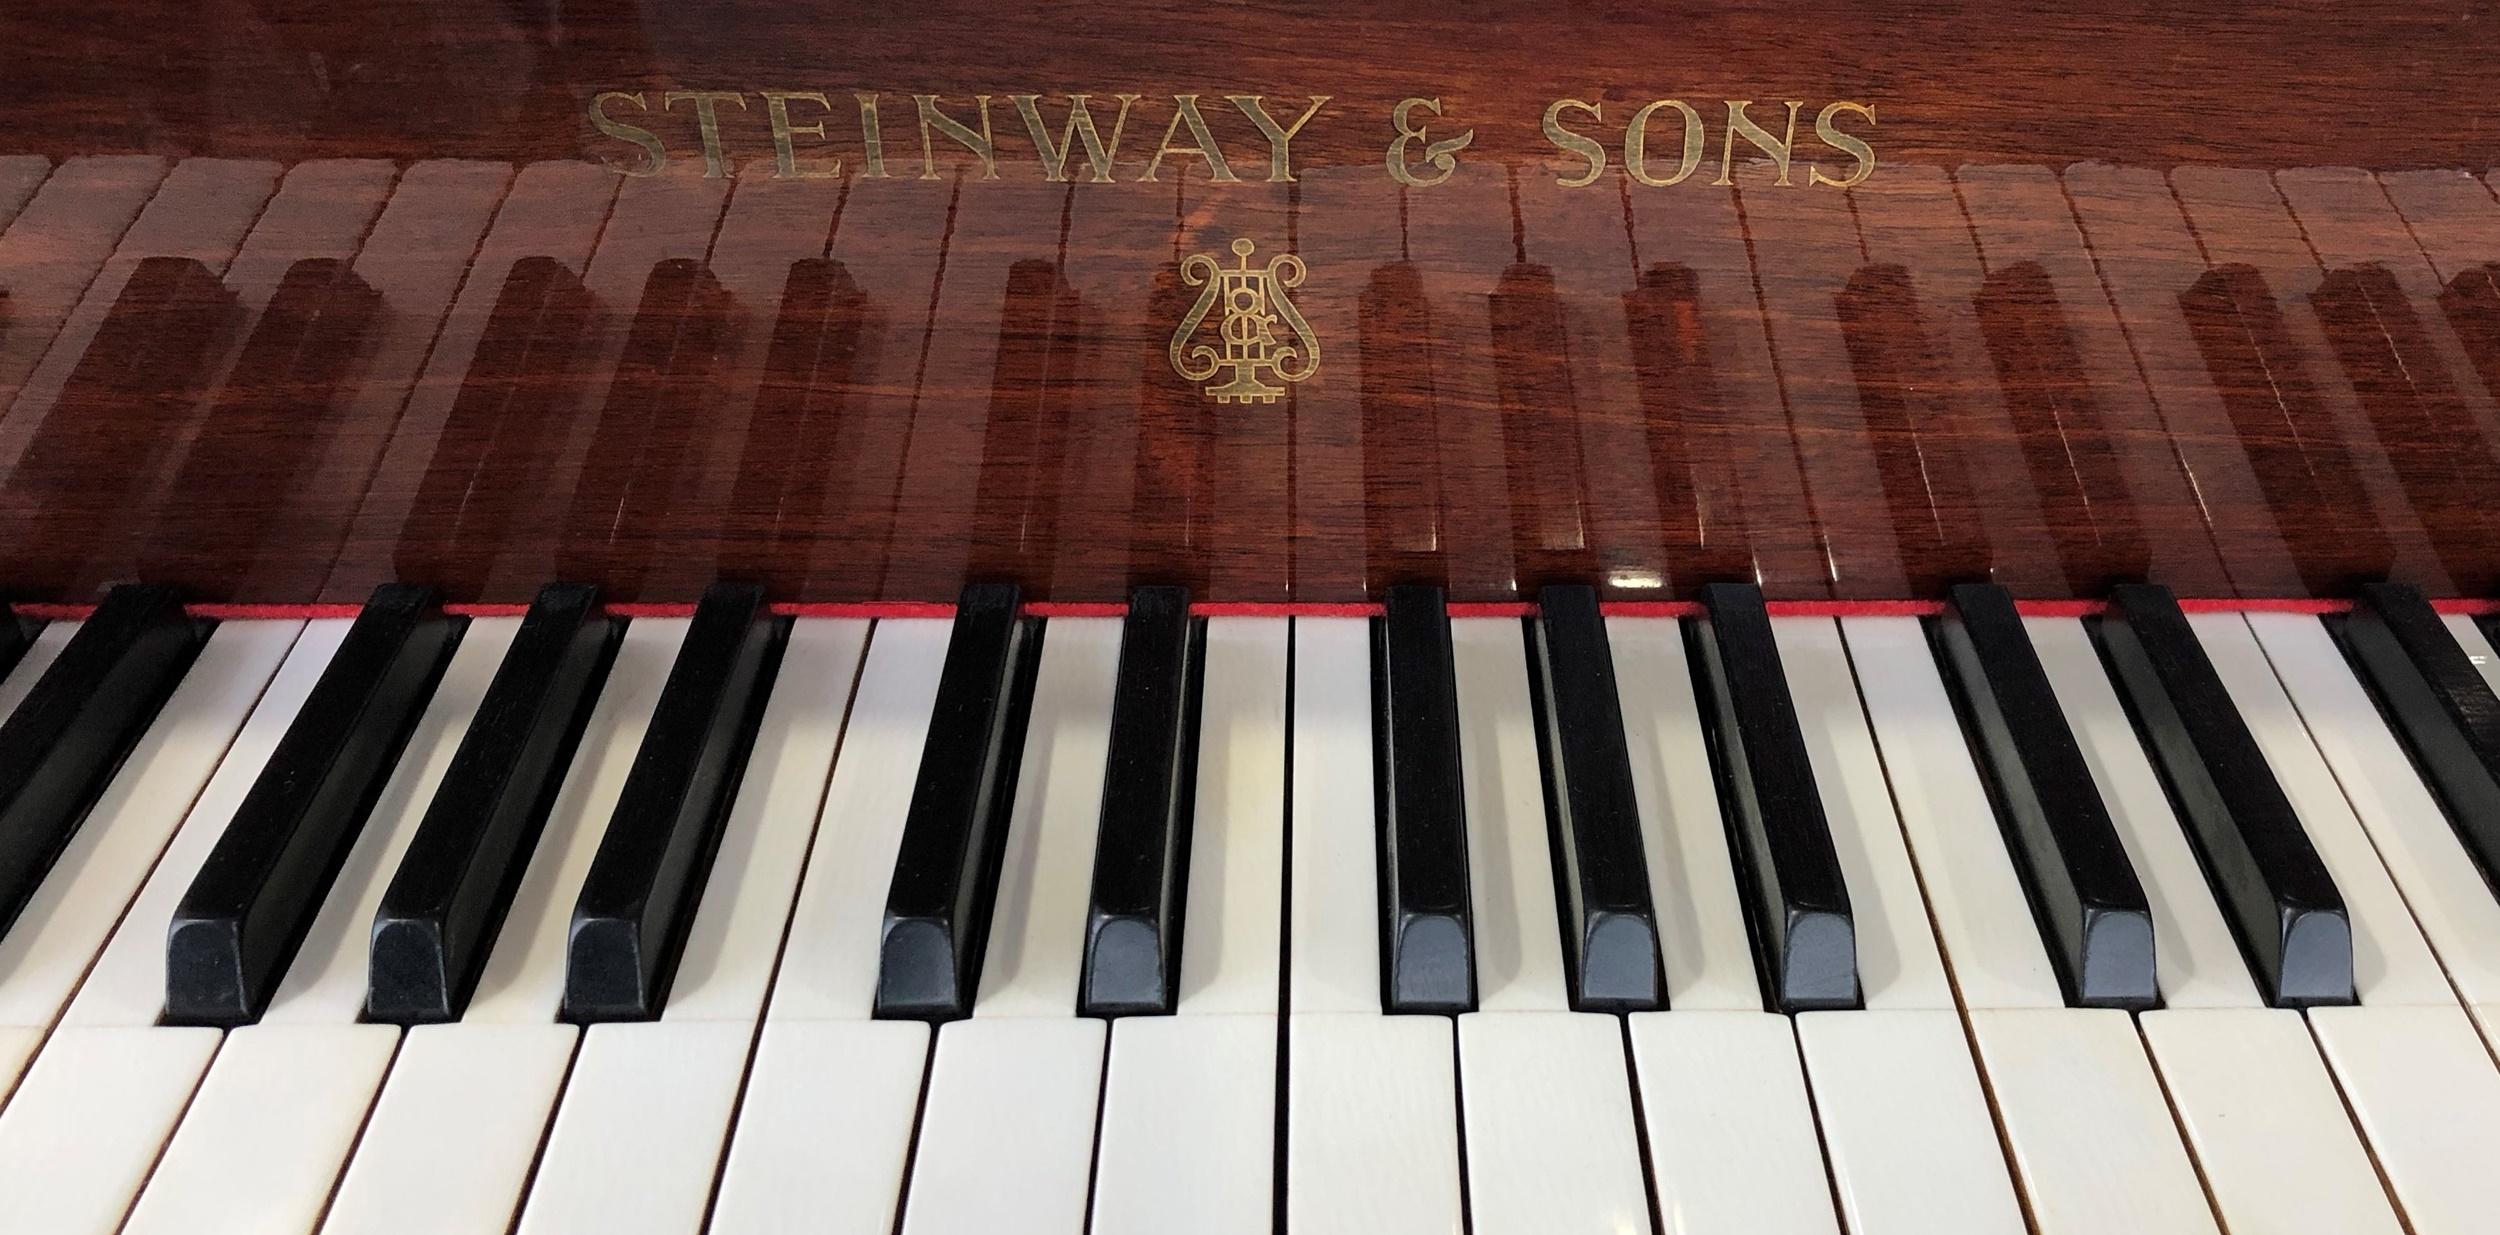 Steinway boudoir grand piano